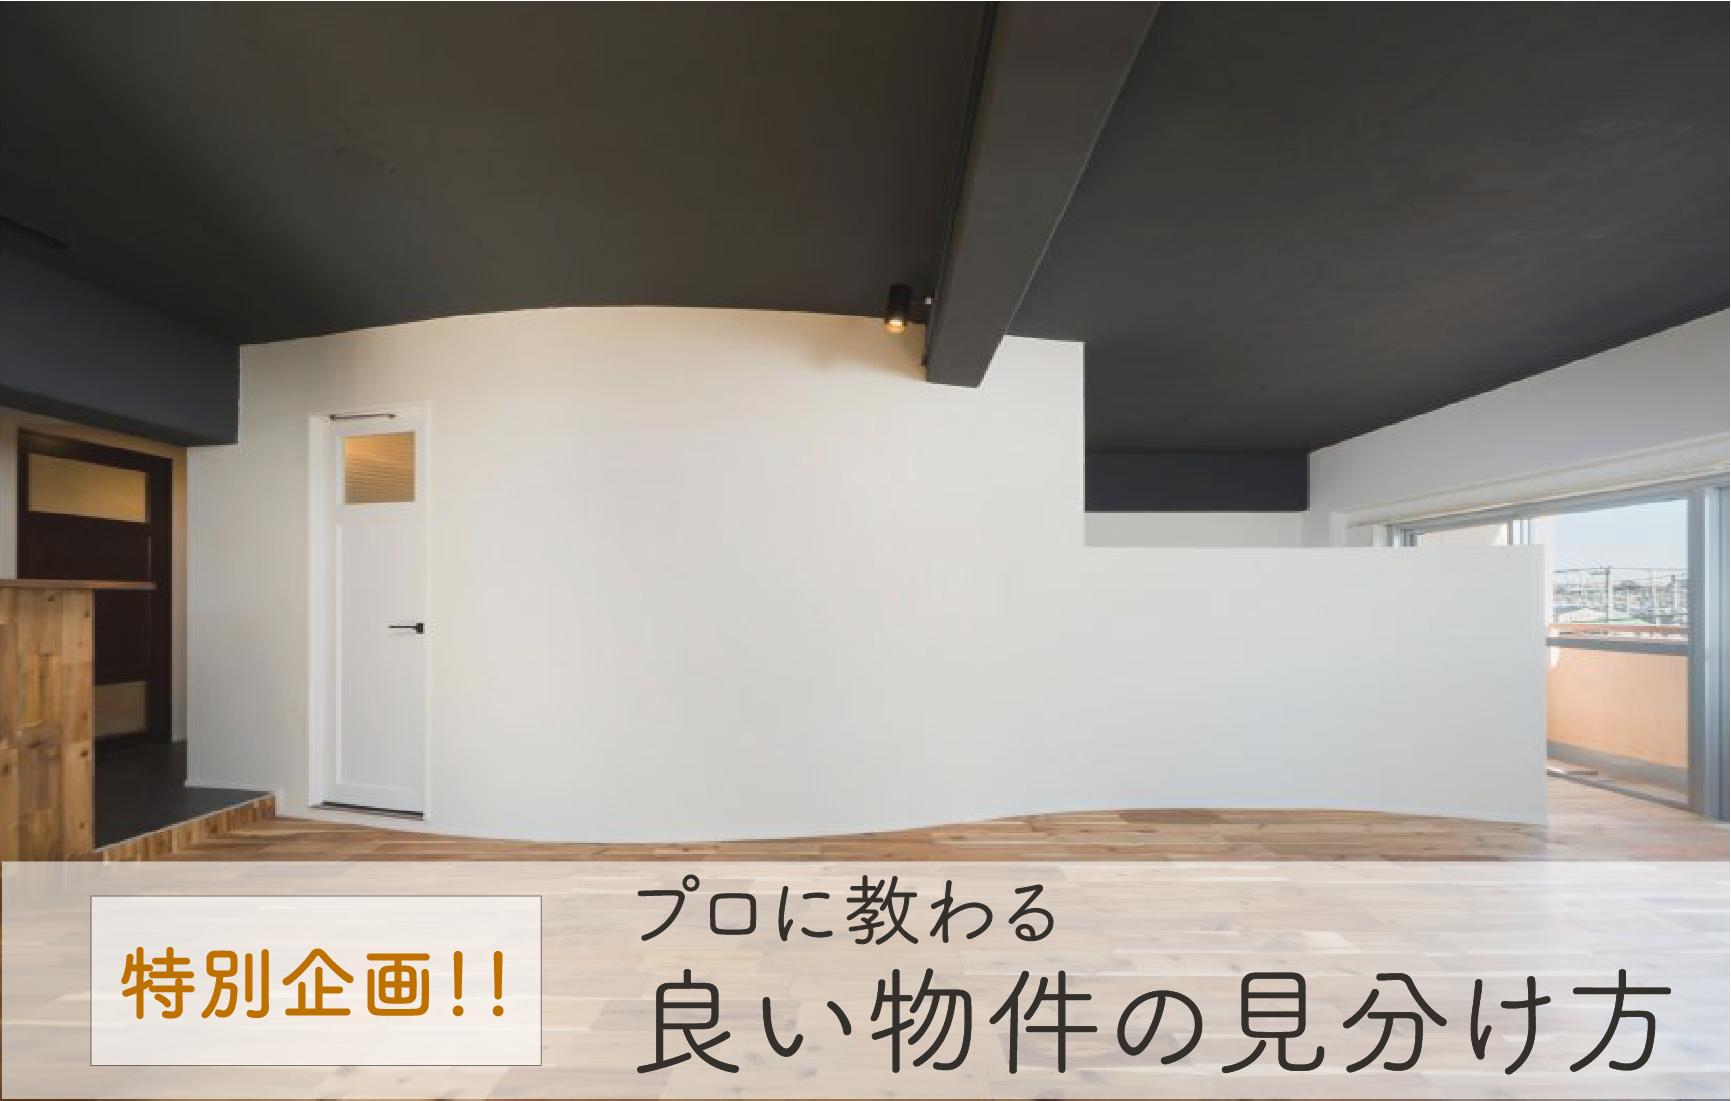 【旧耐震でも大丈夫?】良い物件の見分け方セミナー @横浜